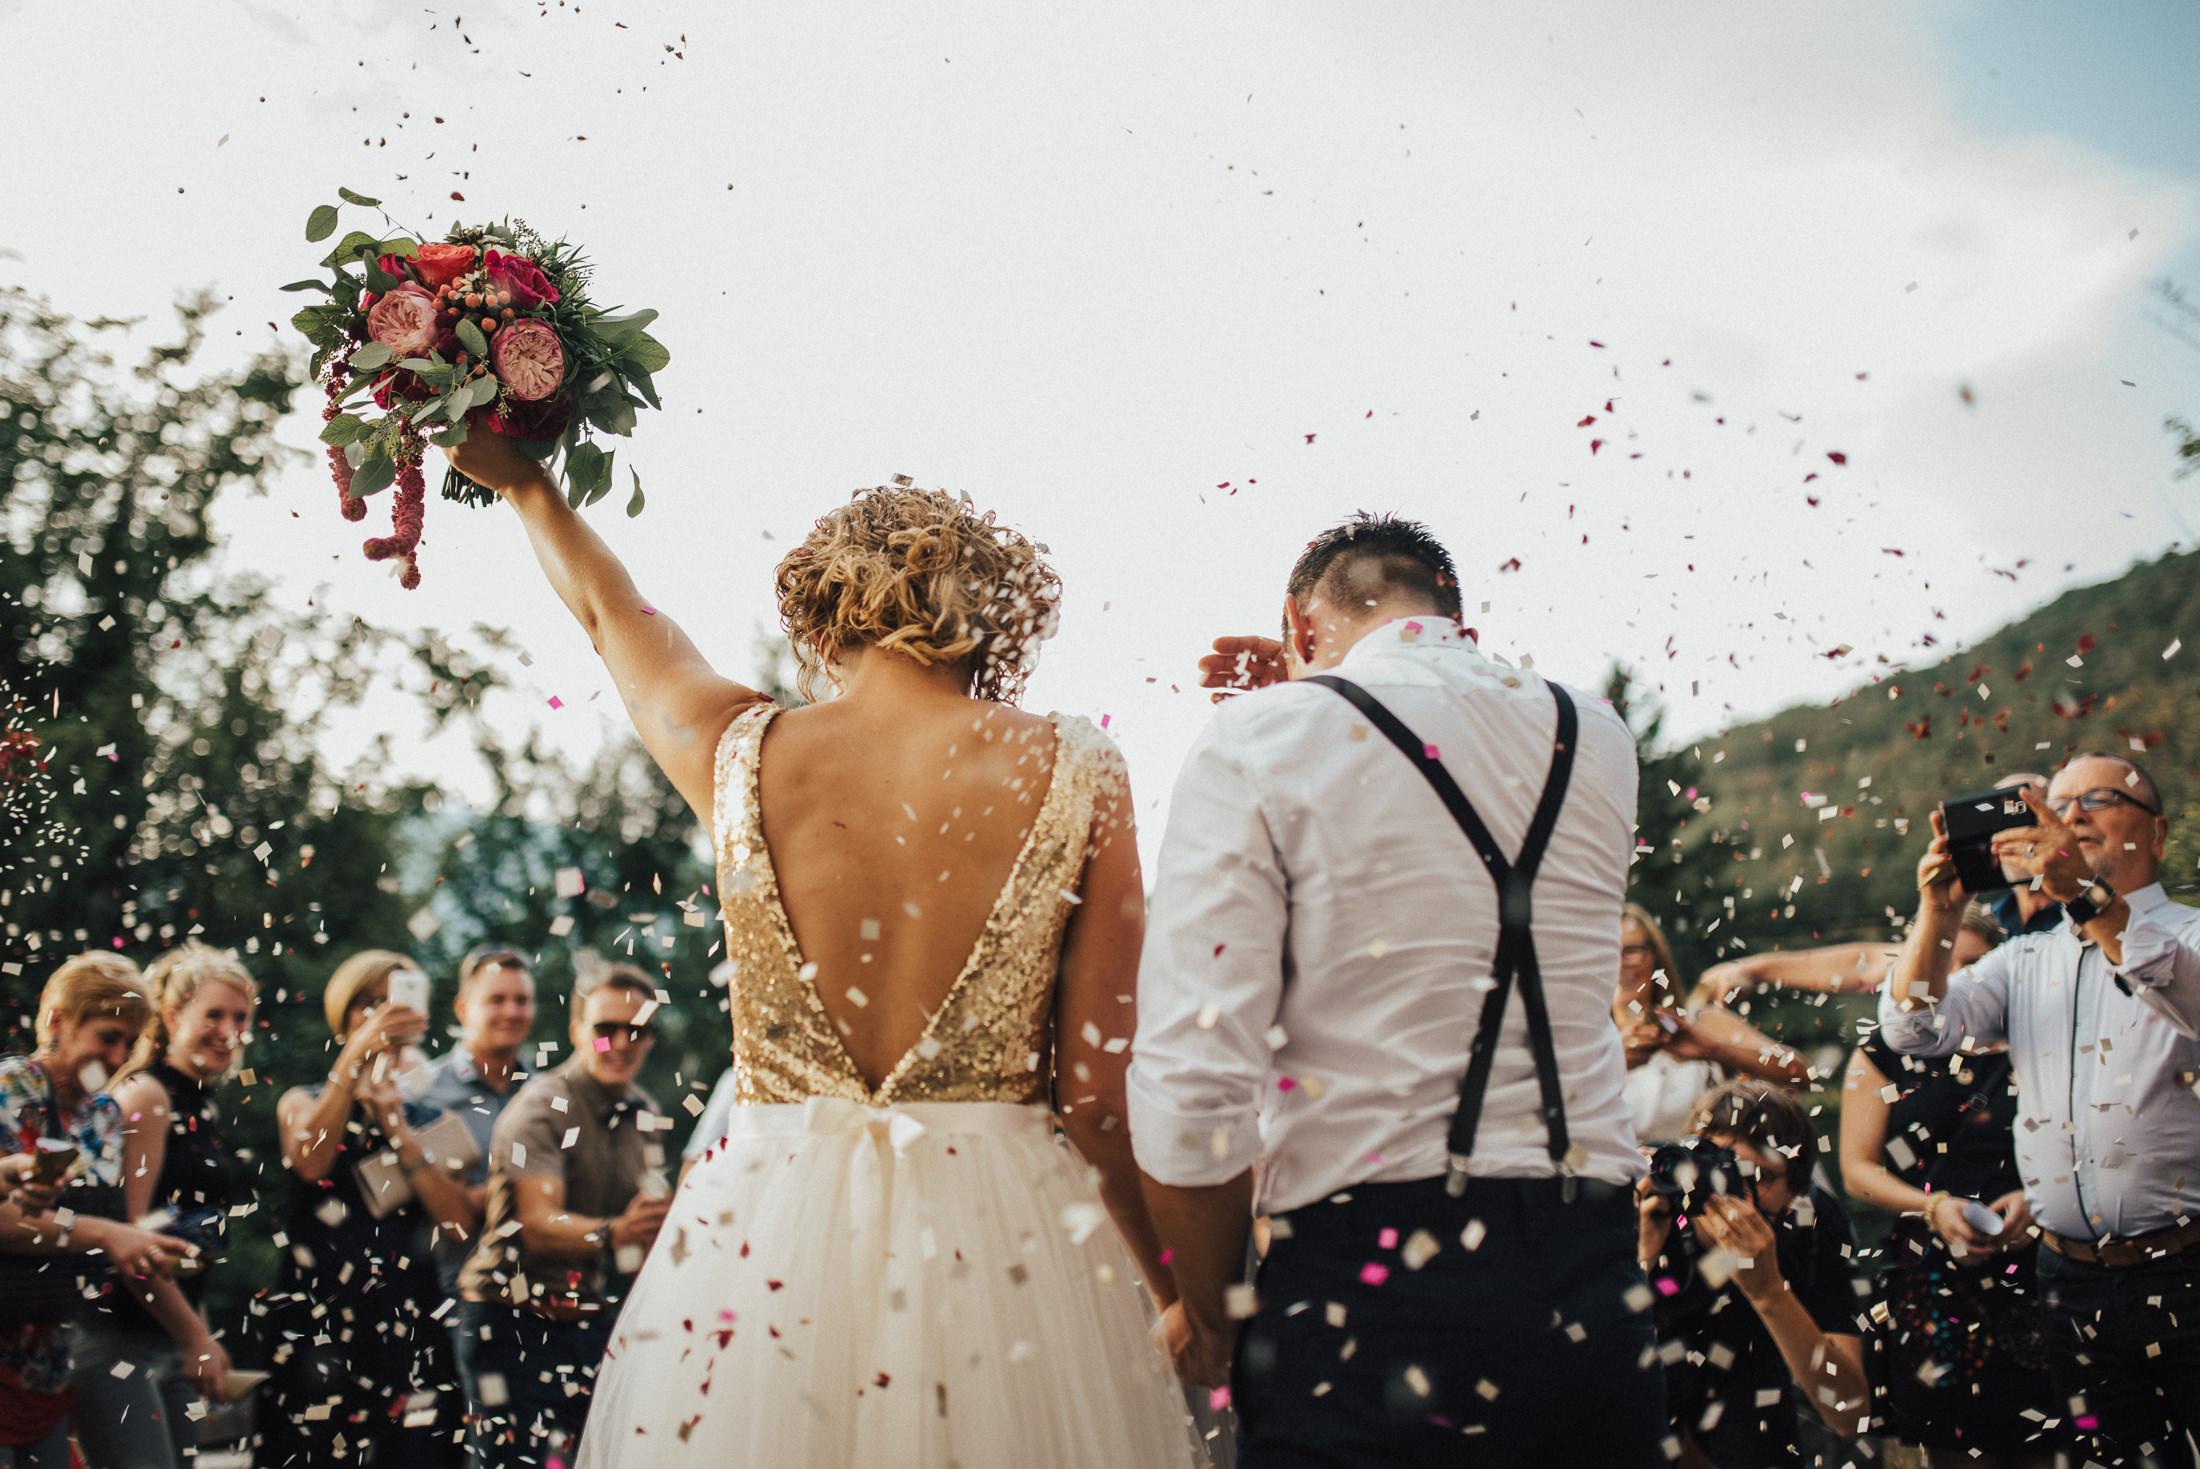 Điểm mặt những con giáp nữ có số kết hôn, lập gia đình muộn